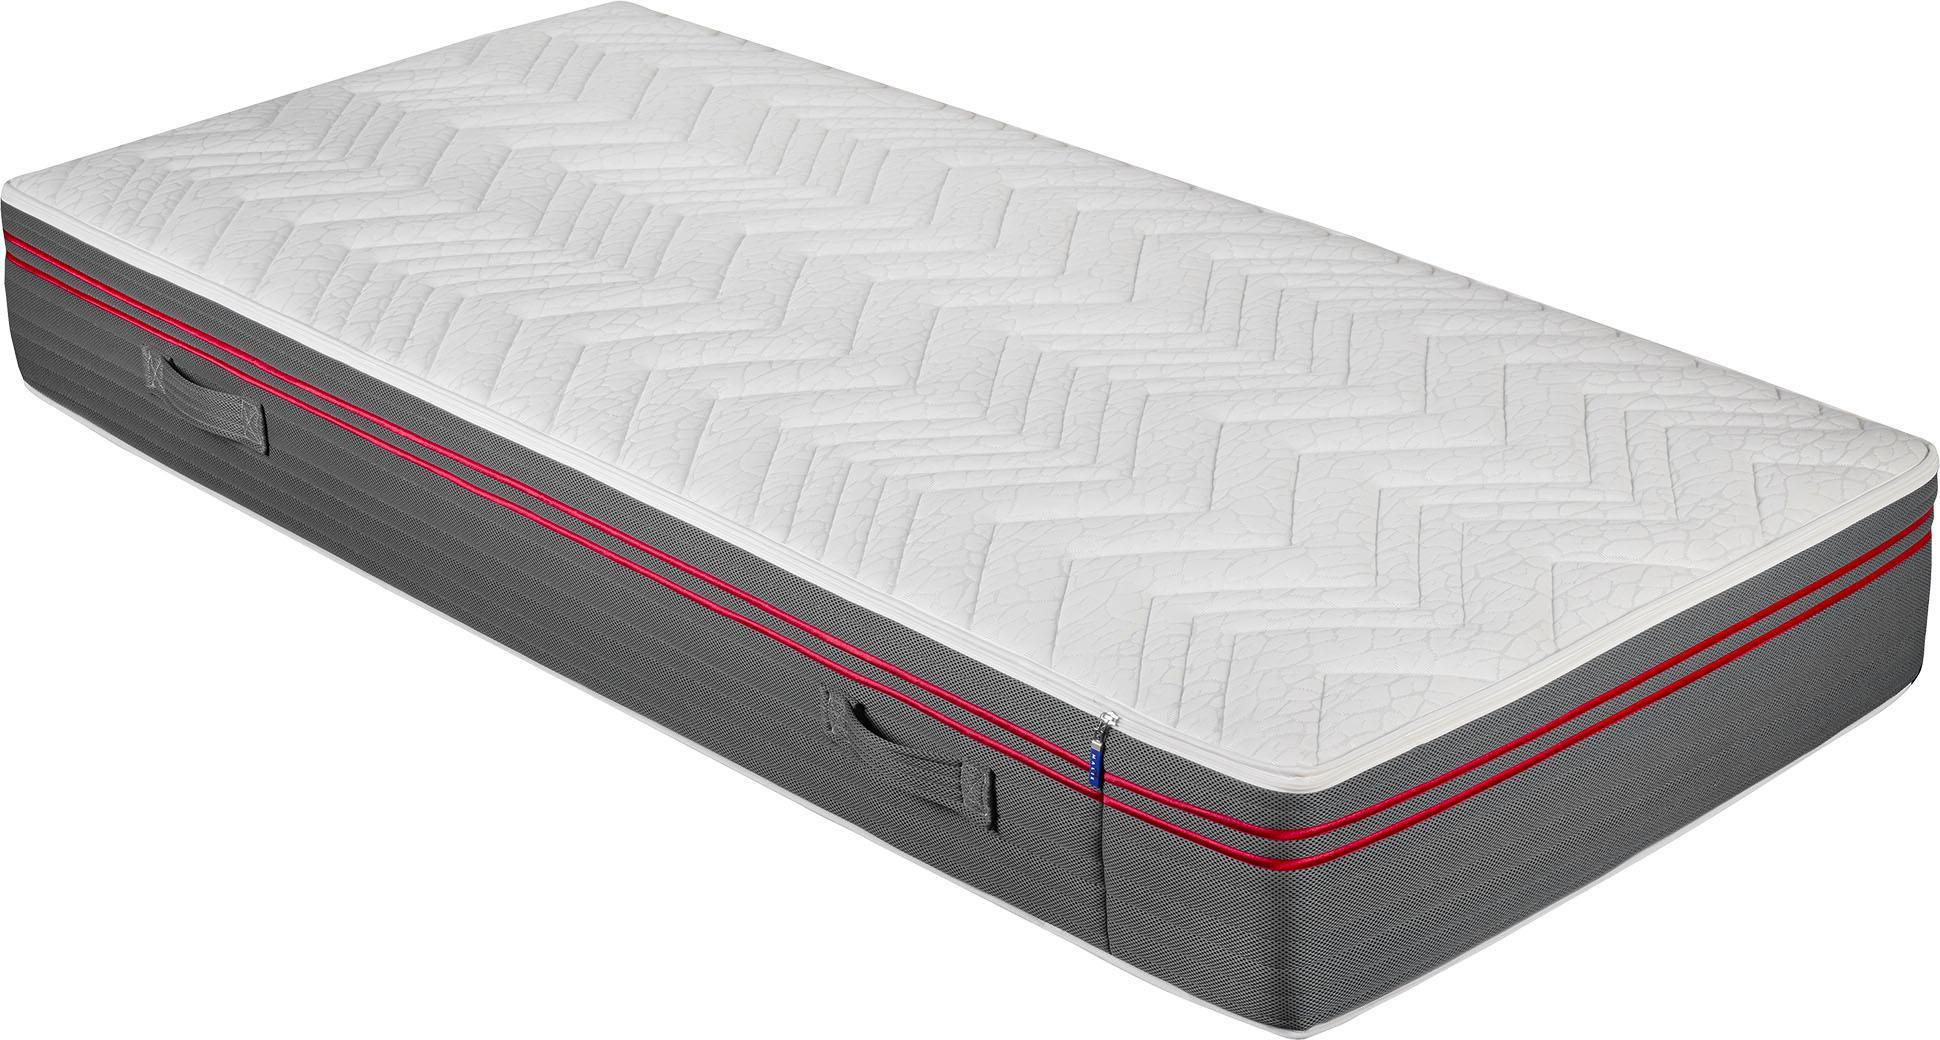 Taschenfederkernmatratze BX+ Härtegrad 2 oder 3 Malie 25 cm hoch